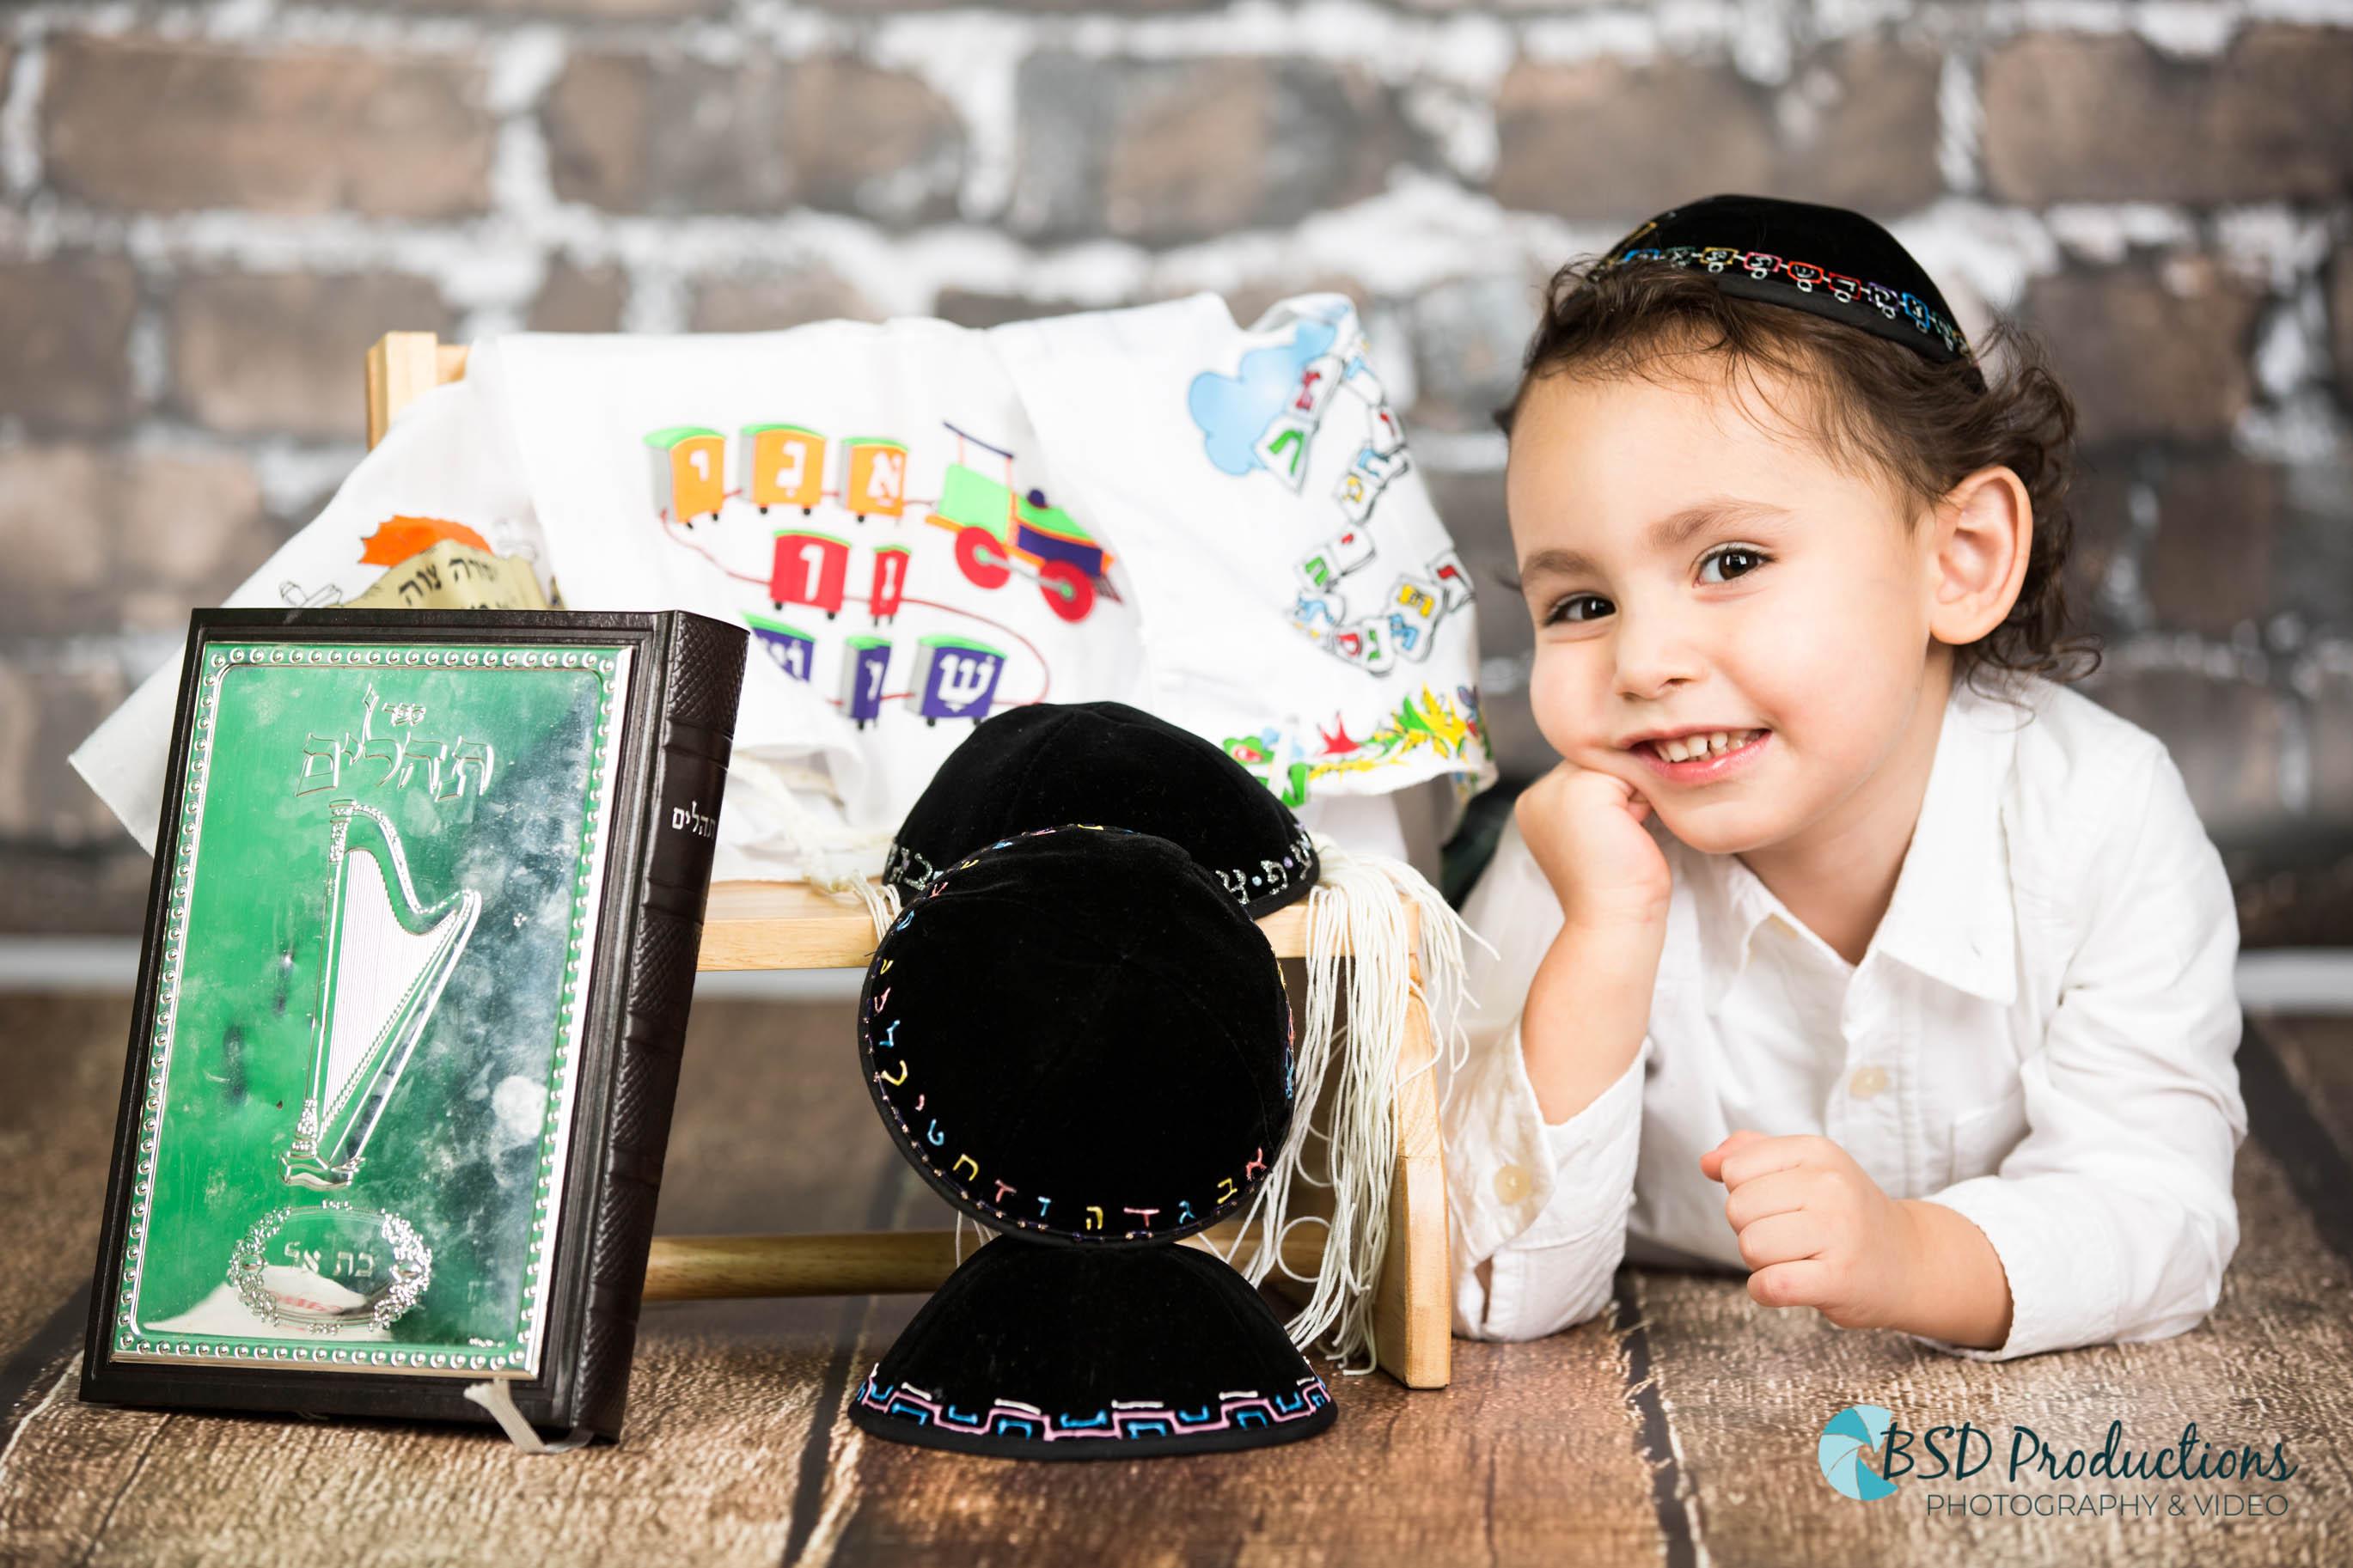 DE9B0989 Portrait – BSD Productions Photography